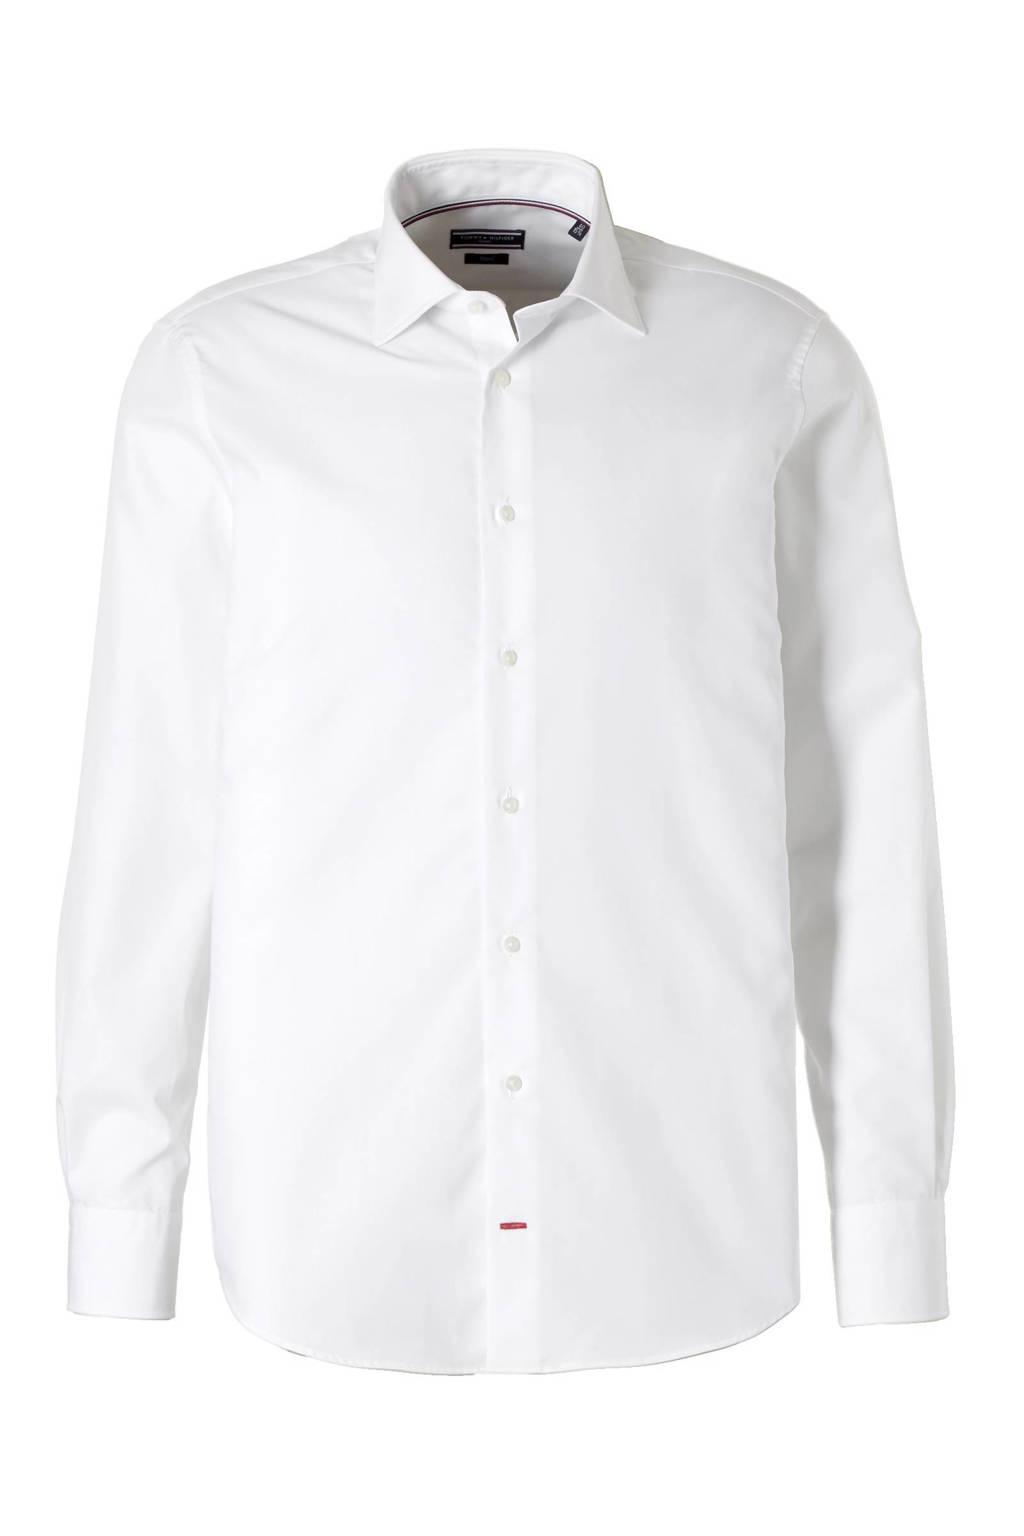 Tommy Hilfiger Tailored regular fit overhemd, Wit